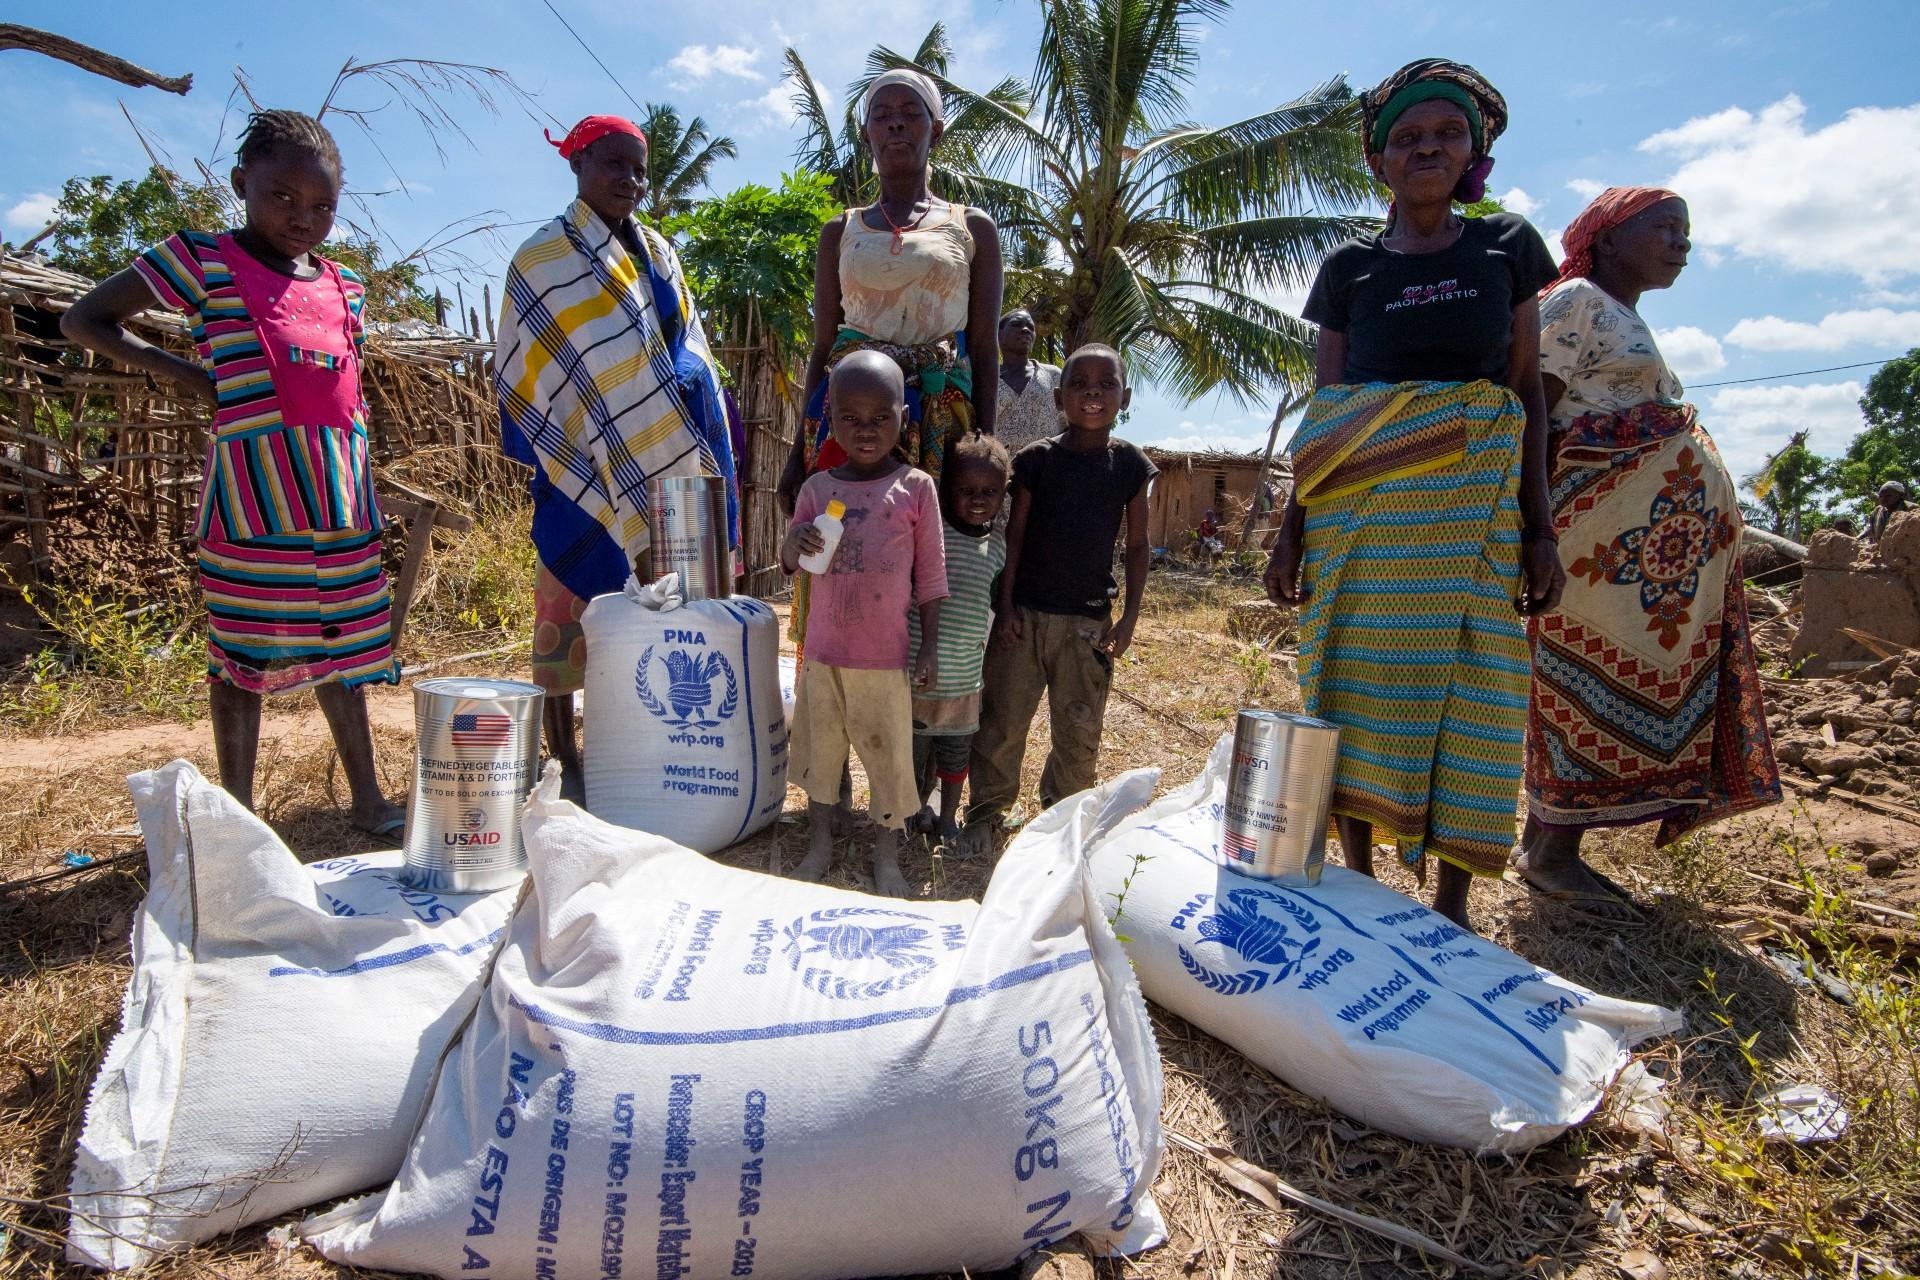 Programa Mundial de Alimentação entrega alimentos em vilarejo de Moçambique